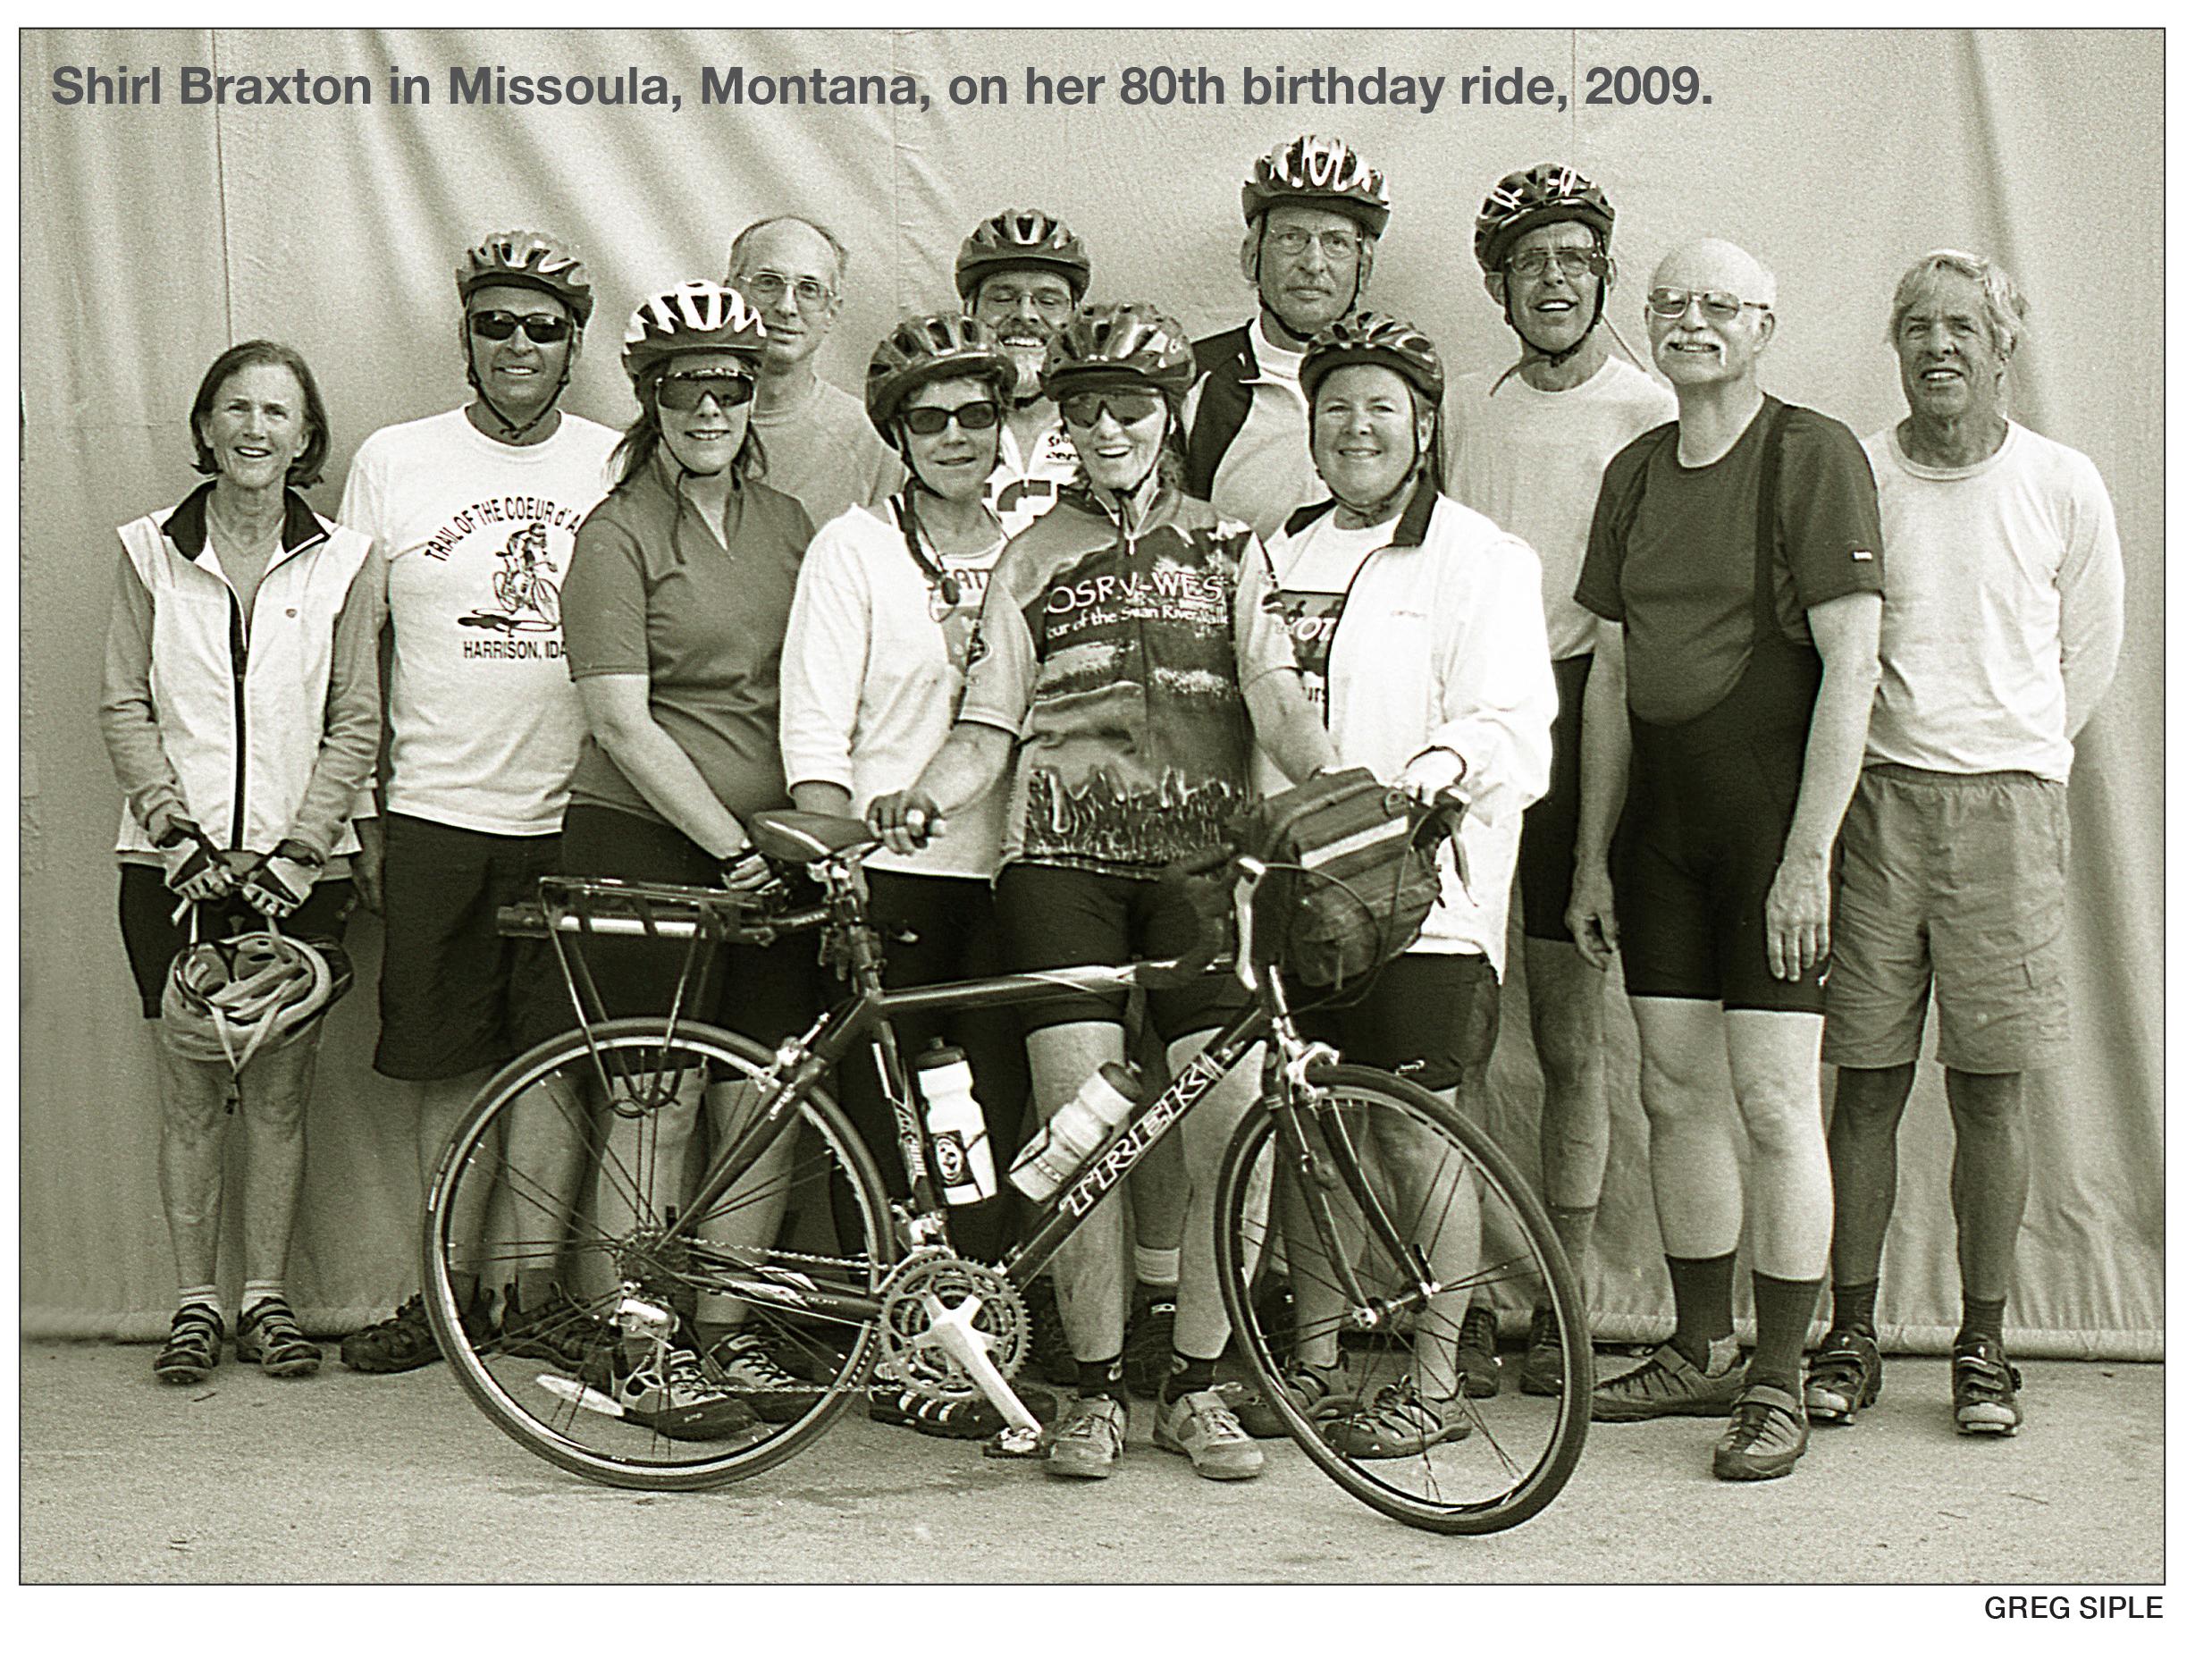 Braxton__Shirl_on_80th_Birthday_Ride_2009.jpg